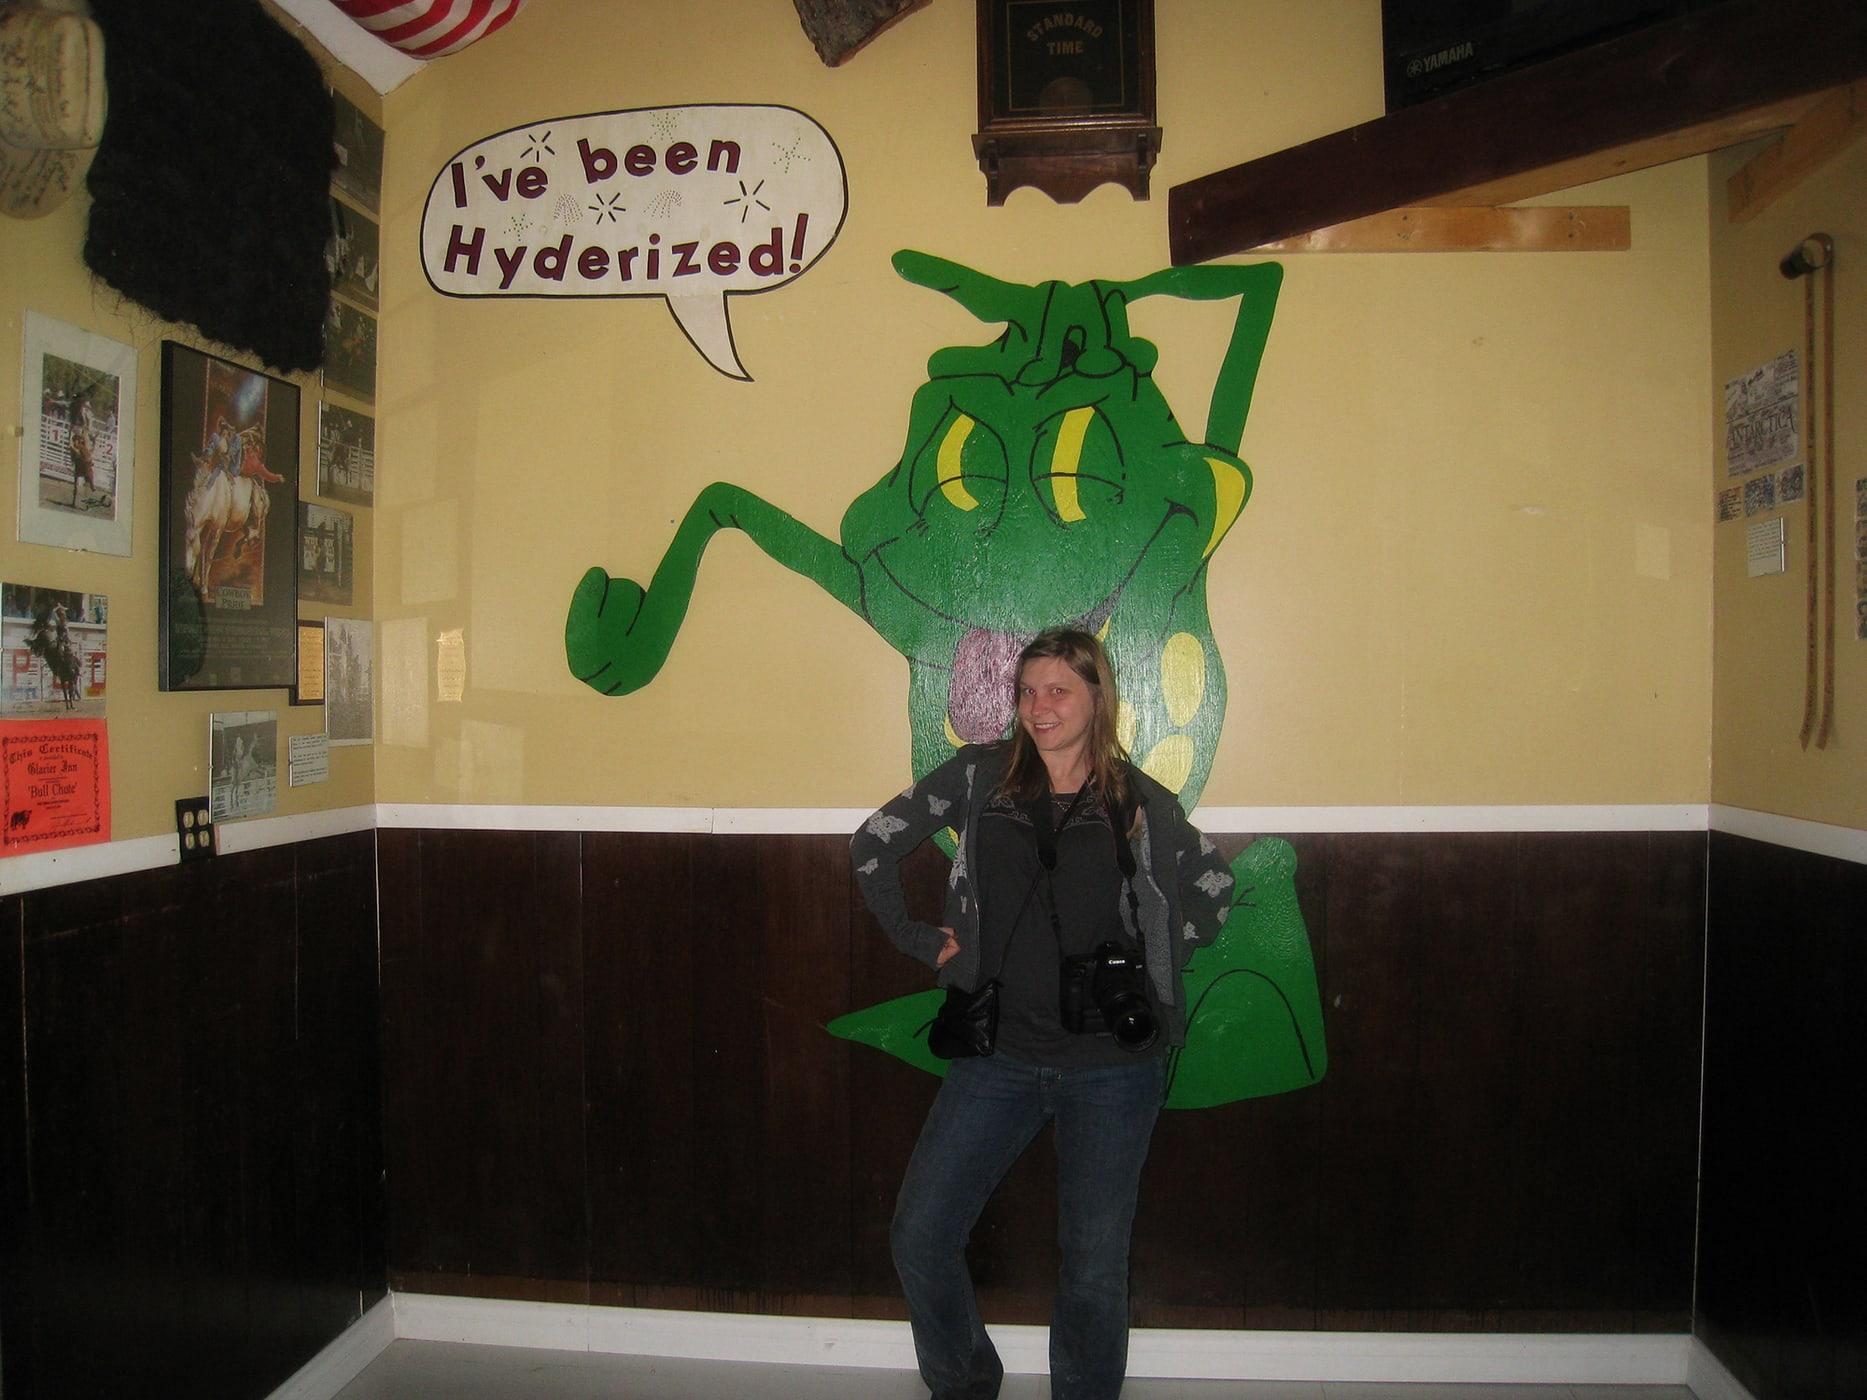 Getting Hyderized at the Glacier Inn bar Hyder, Alaska